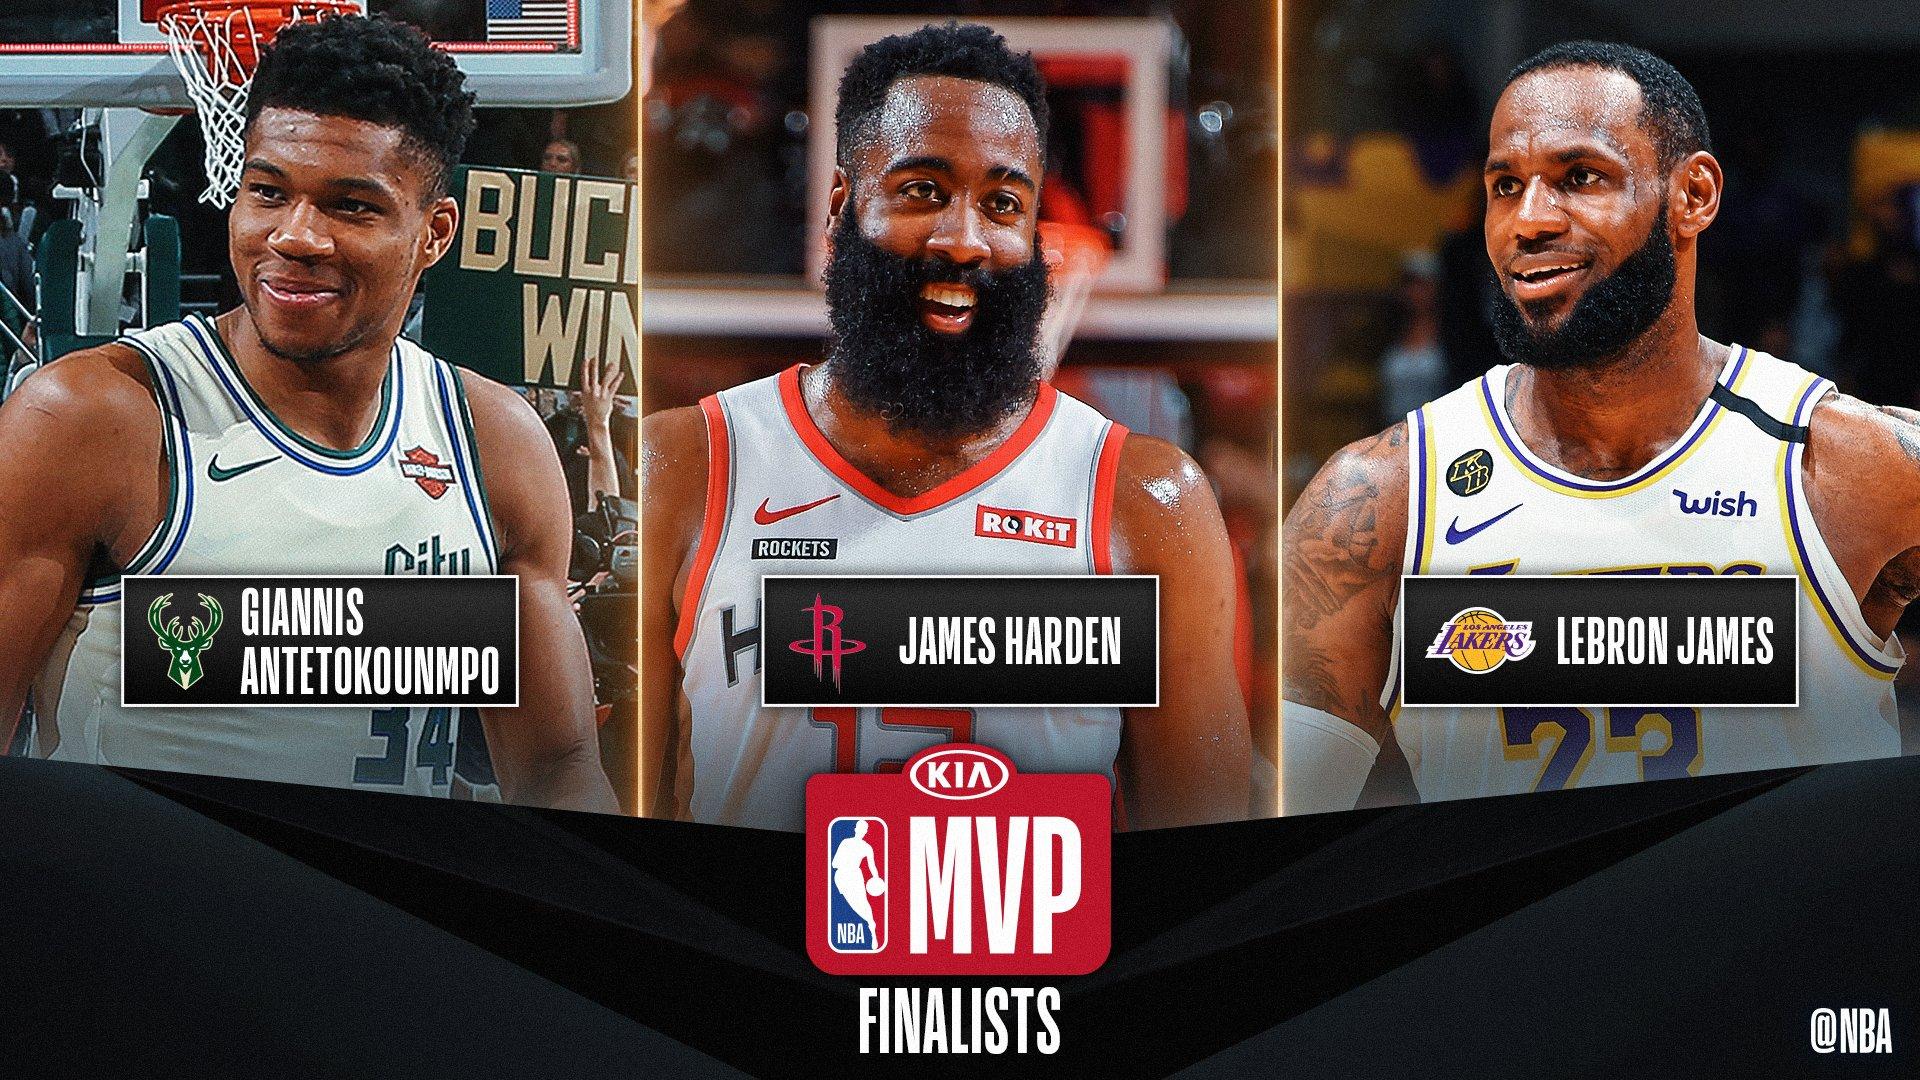 NBA. Scelti i tre finalisti per il premio di MVP dell'anno: Antetokounmpo, Harden e James